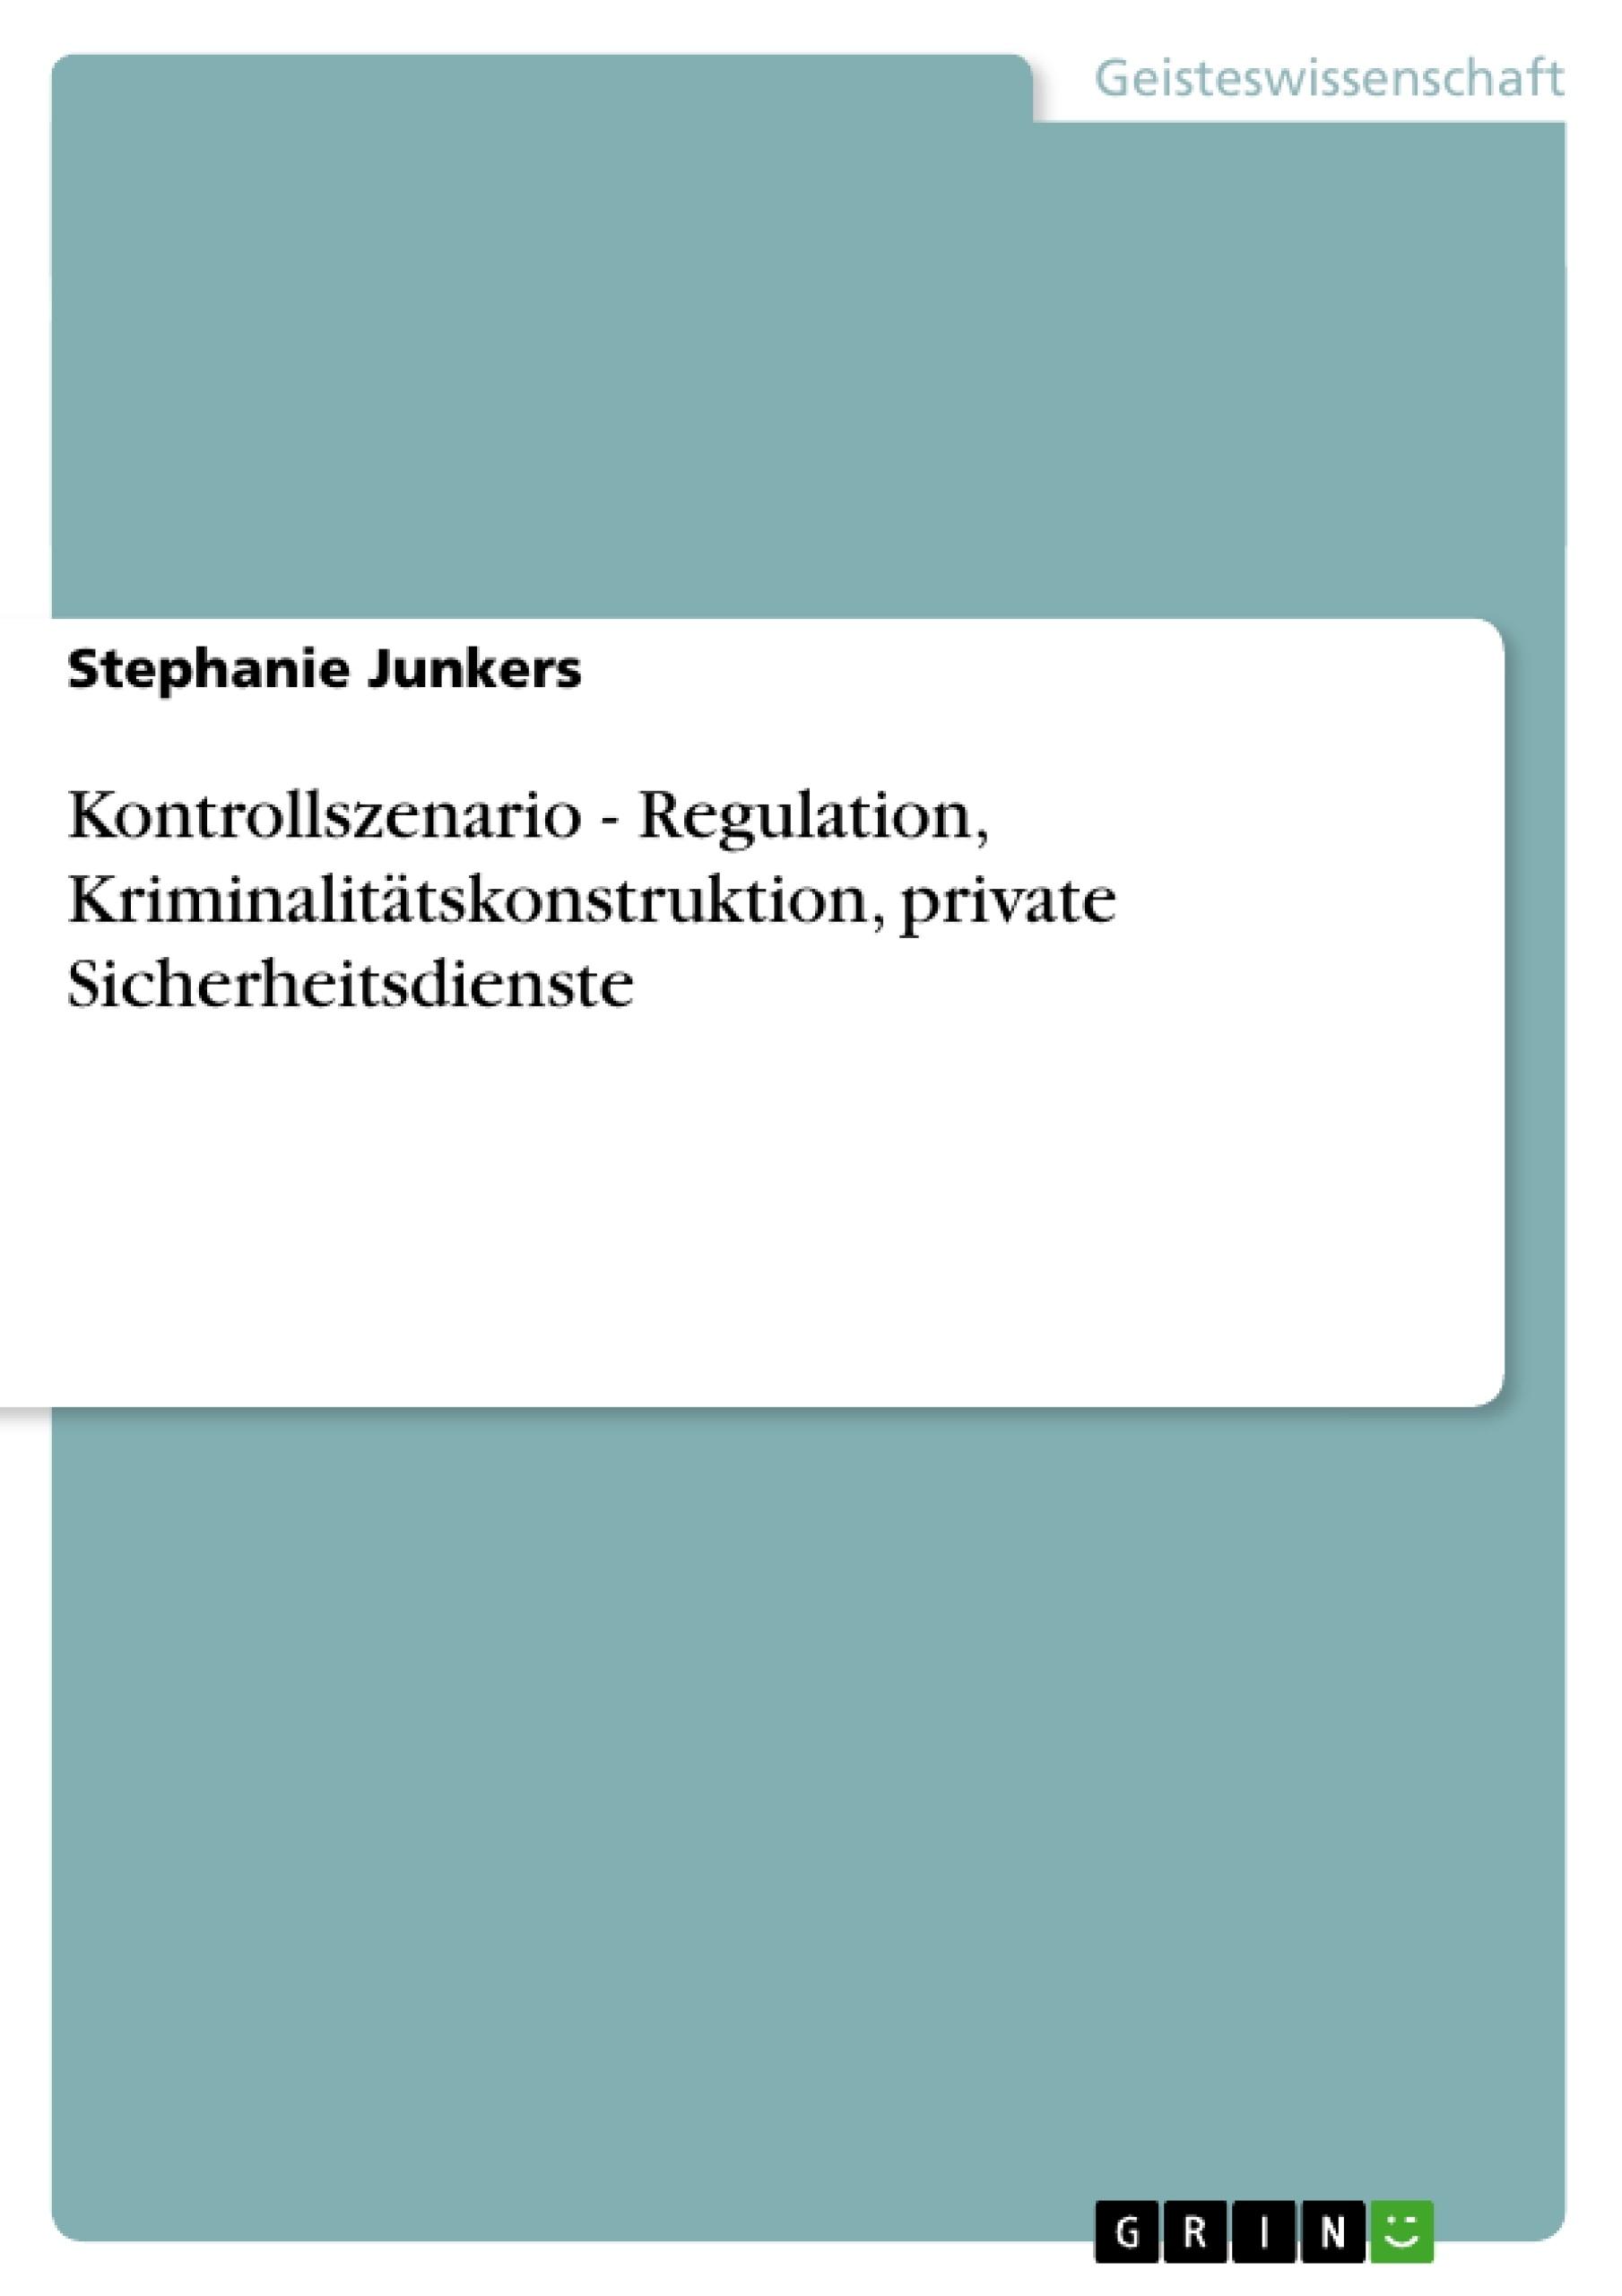 Titel: Kontrollszenario - Regulation, Kriminalitätskonstruktion, private Sicherheitsdienste